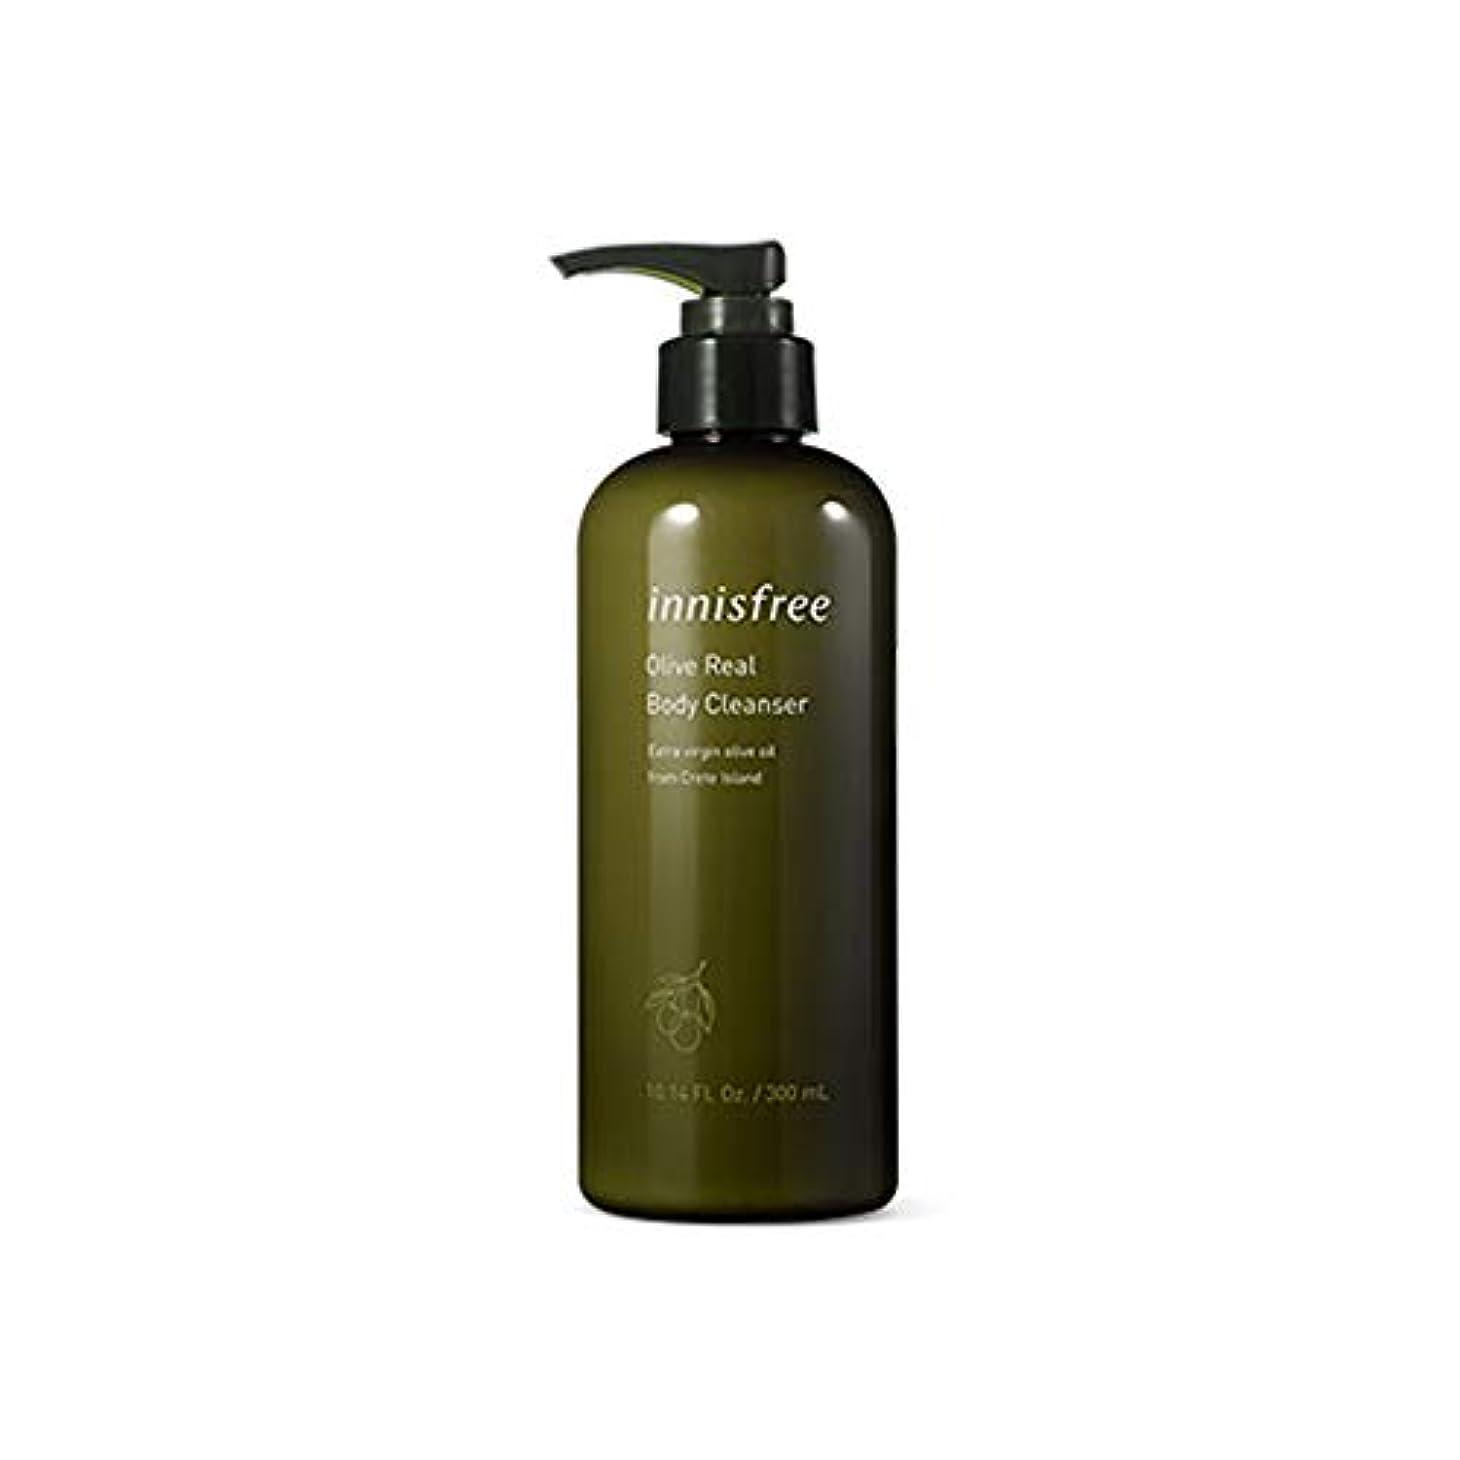 入手します使役陸軍イニスフリー Innisfree オリーブリアルボディークレンザー(300ml) Innisfree Olive Real Body Cleanser(300ml) [海外直送品]